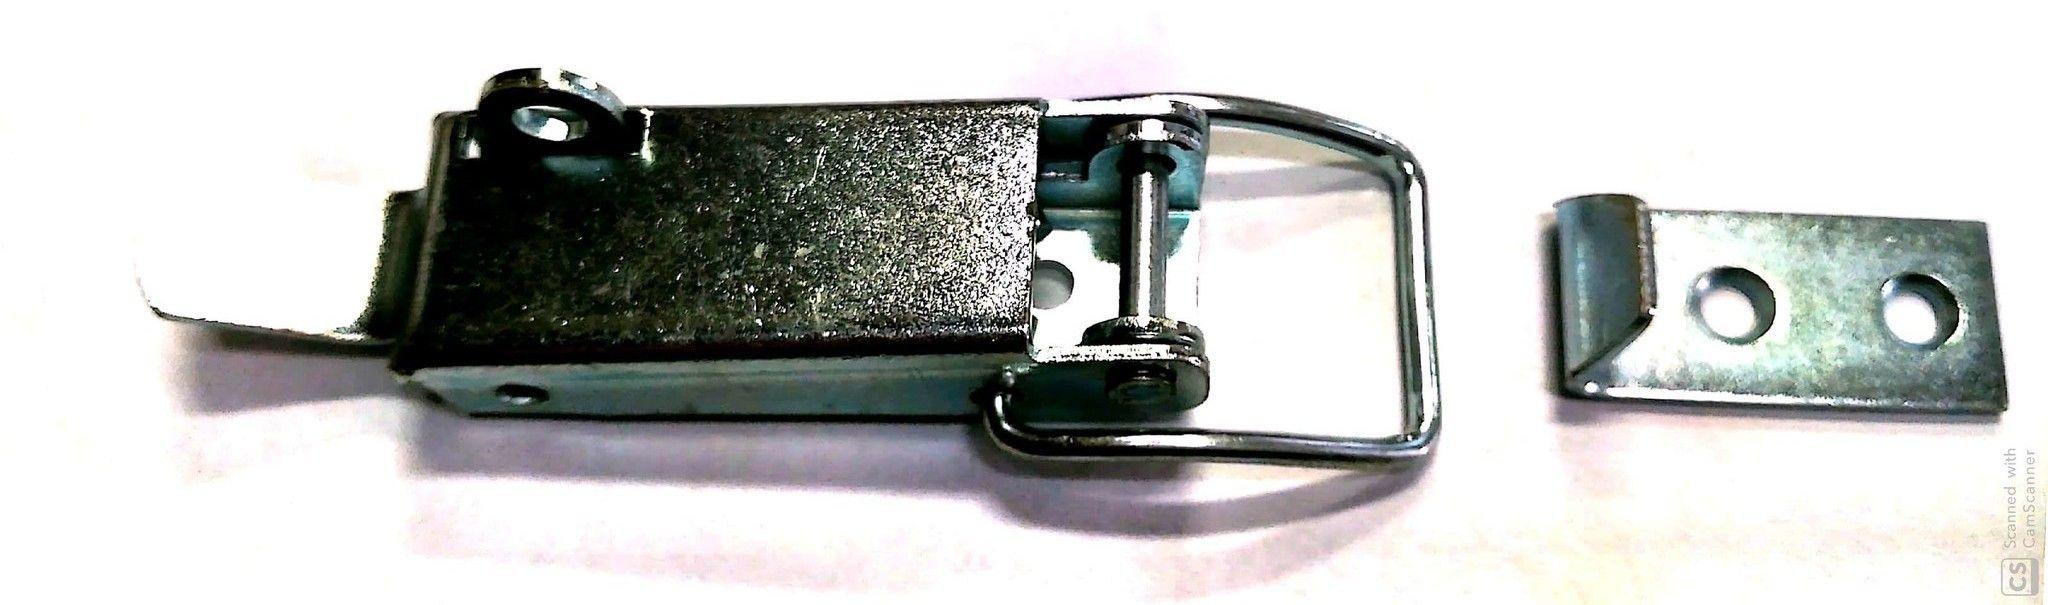 Chiusura a leva con portalucchetto  tipo G in ferro zincato